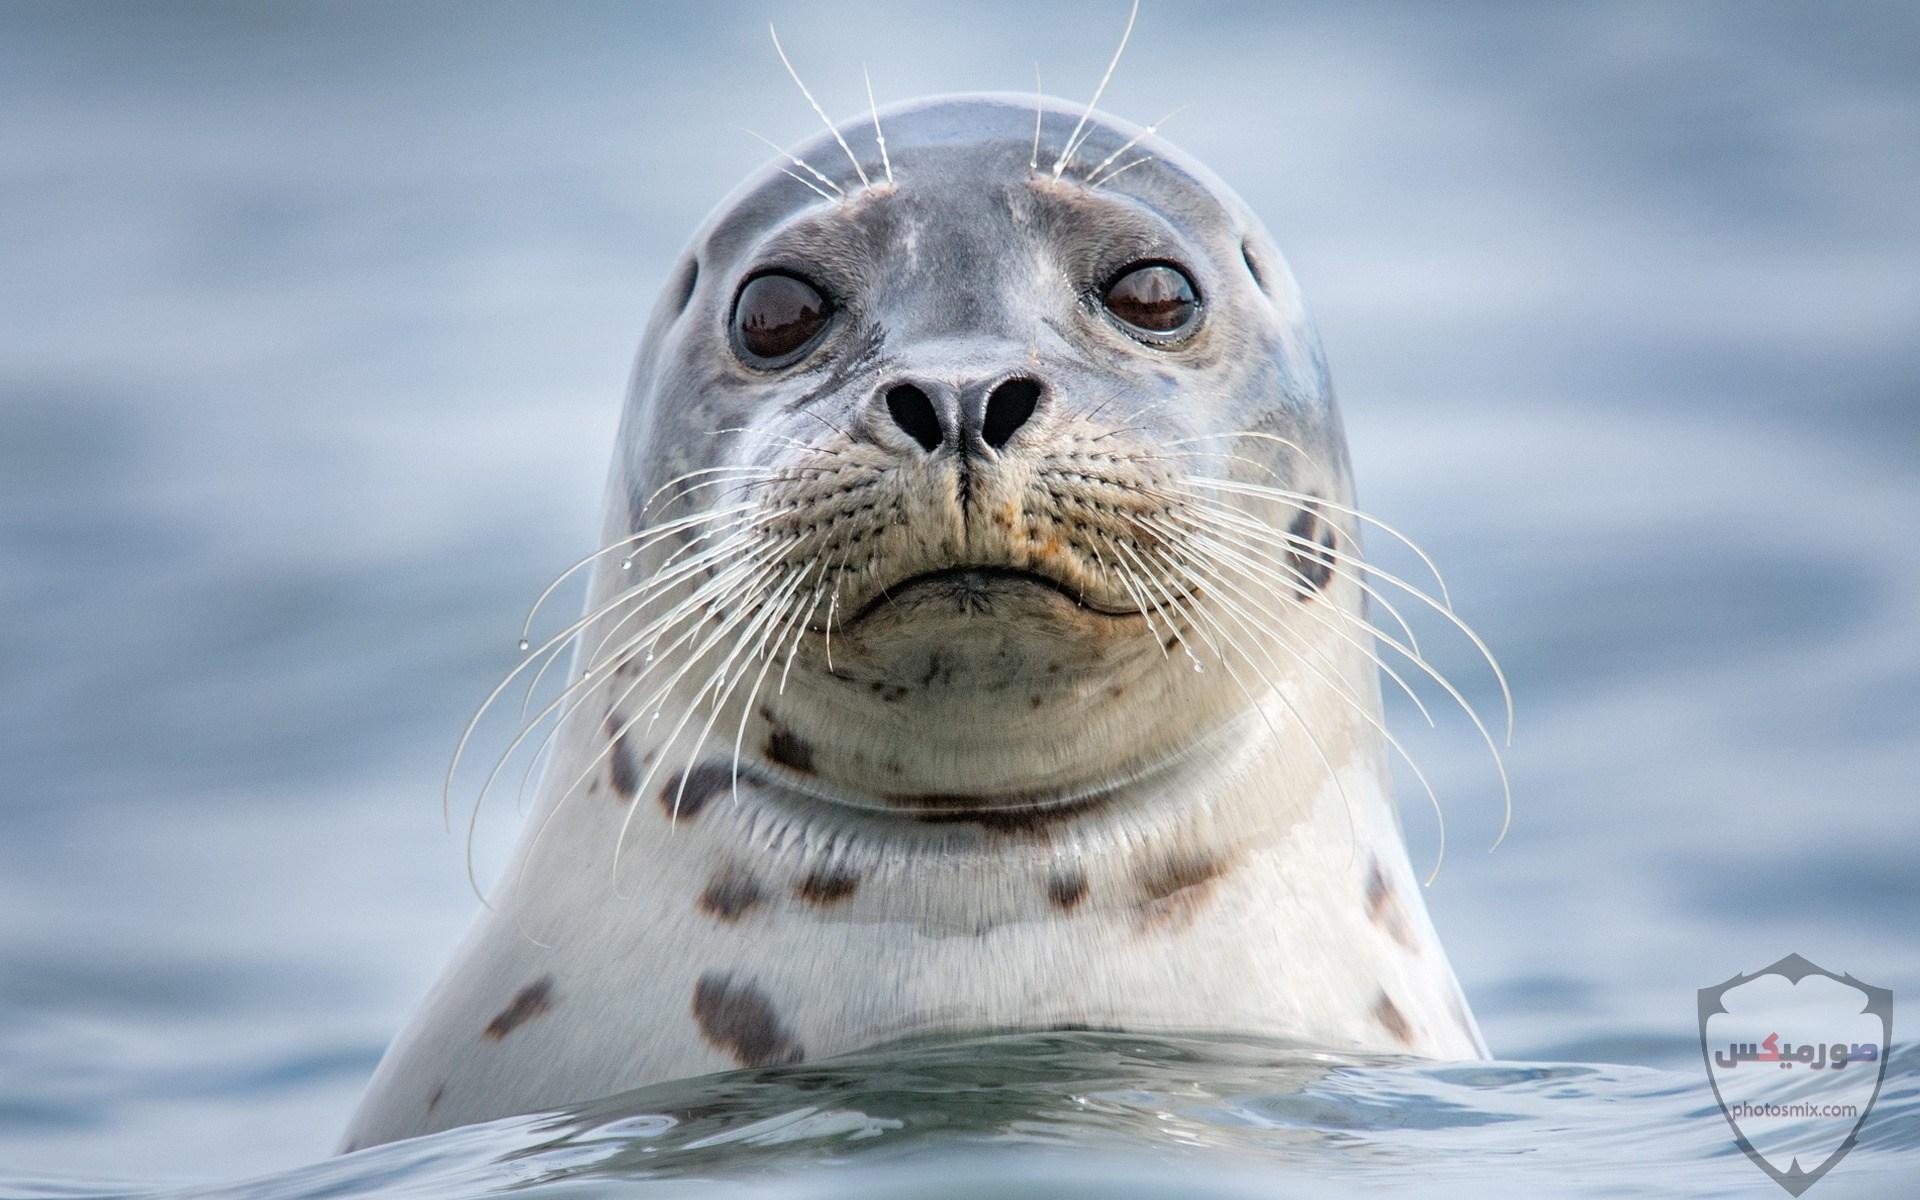 صور حيوانات مضحكة فيديوهات حيوانات مضحكة جدا 2020 5